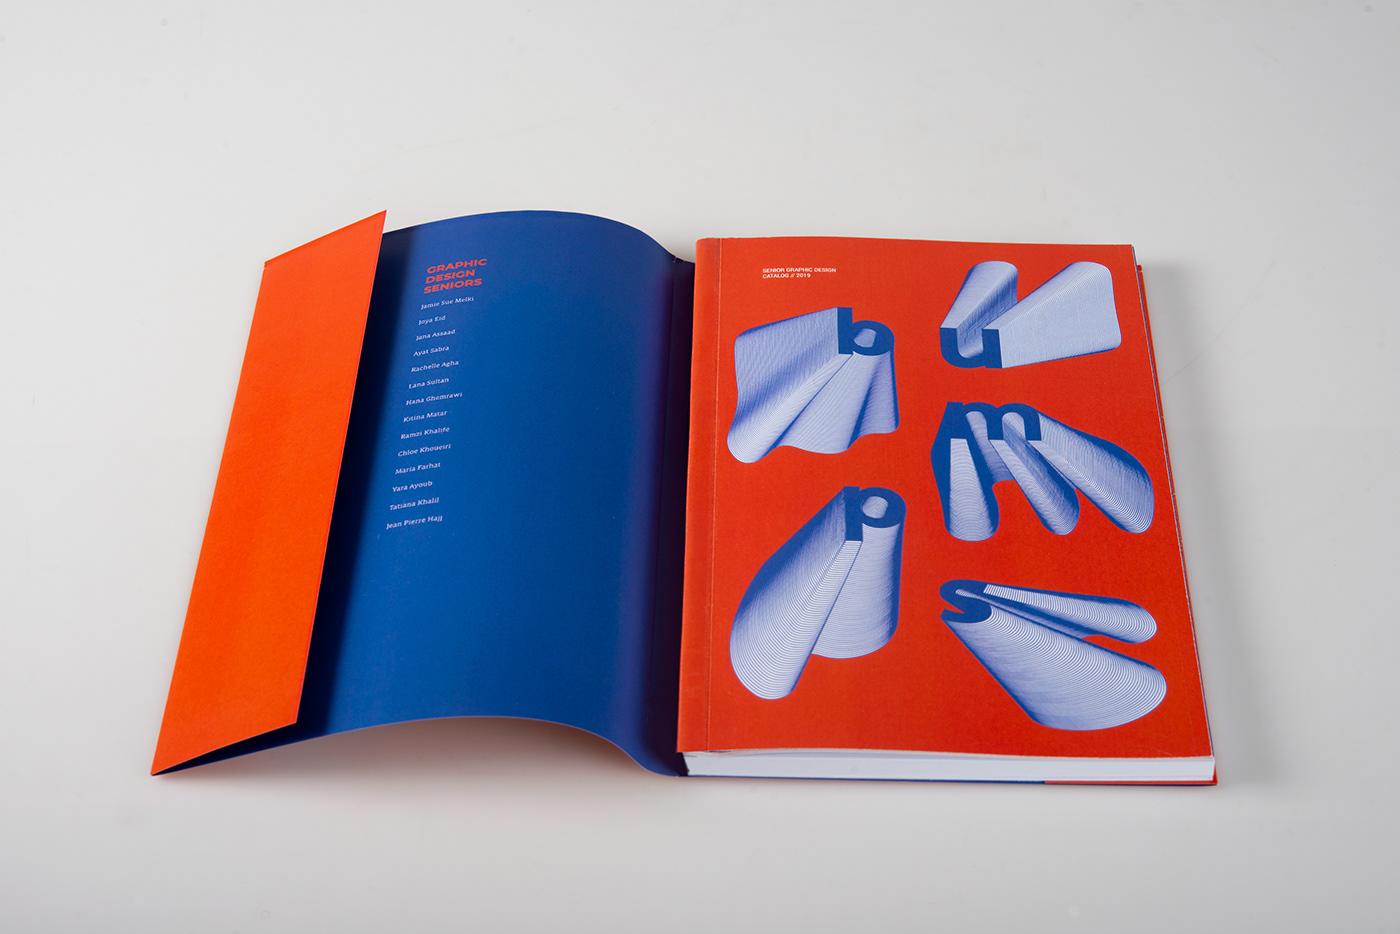 catalog publication bumps bold journey design